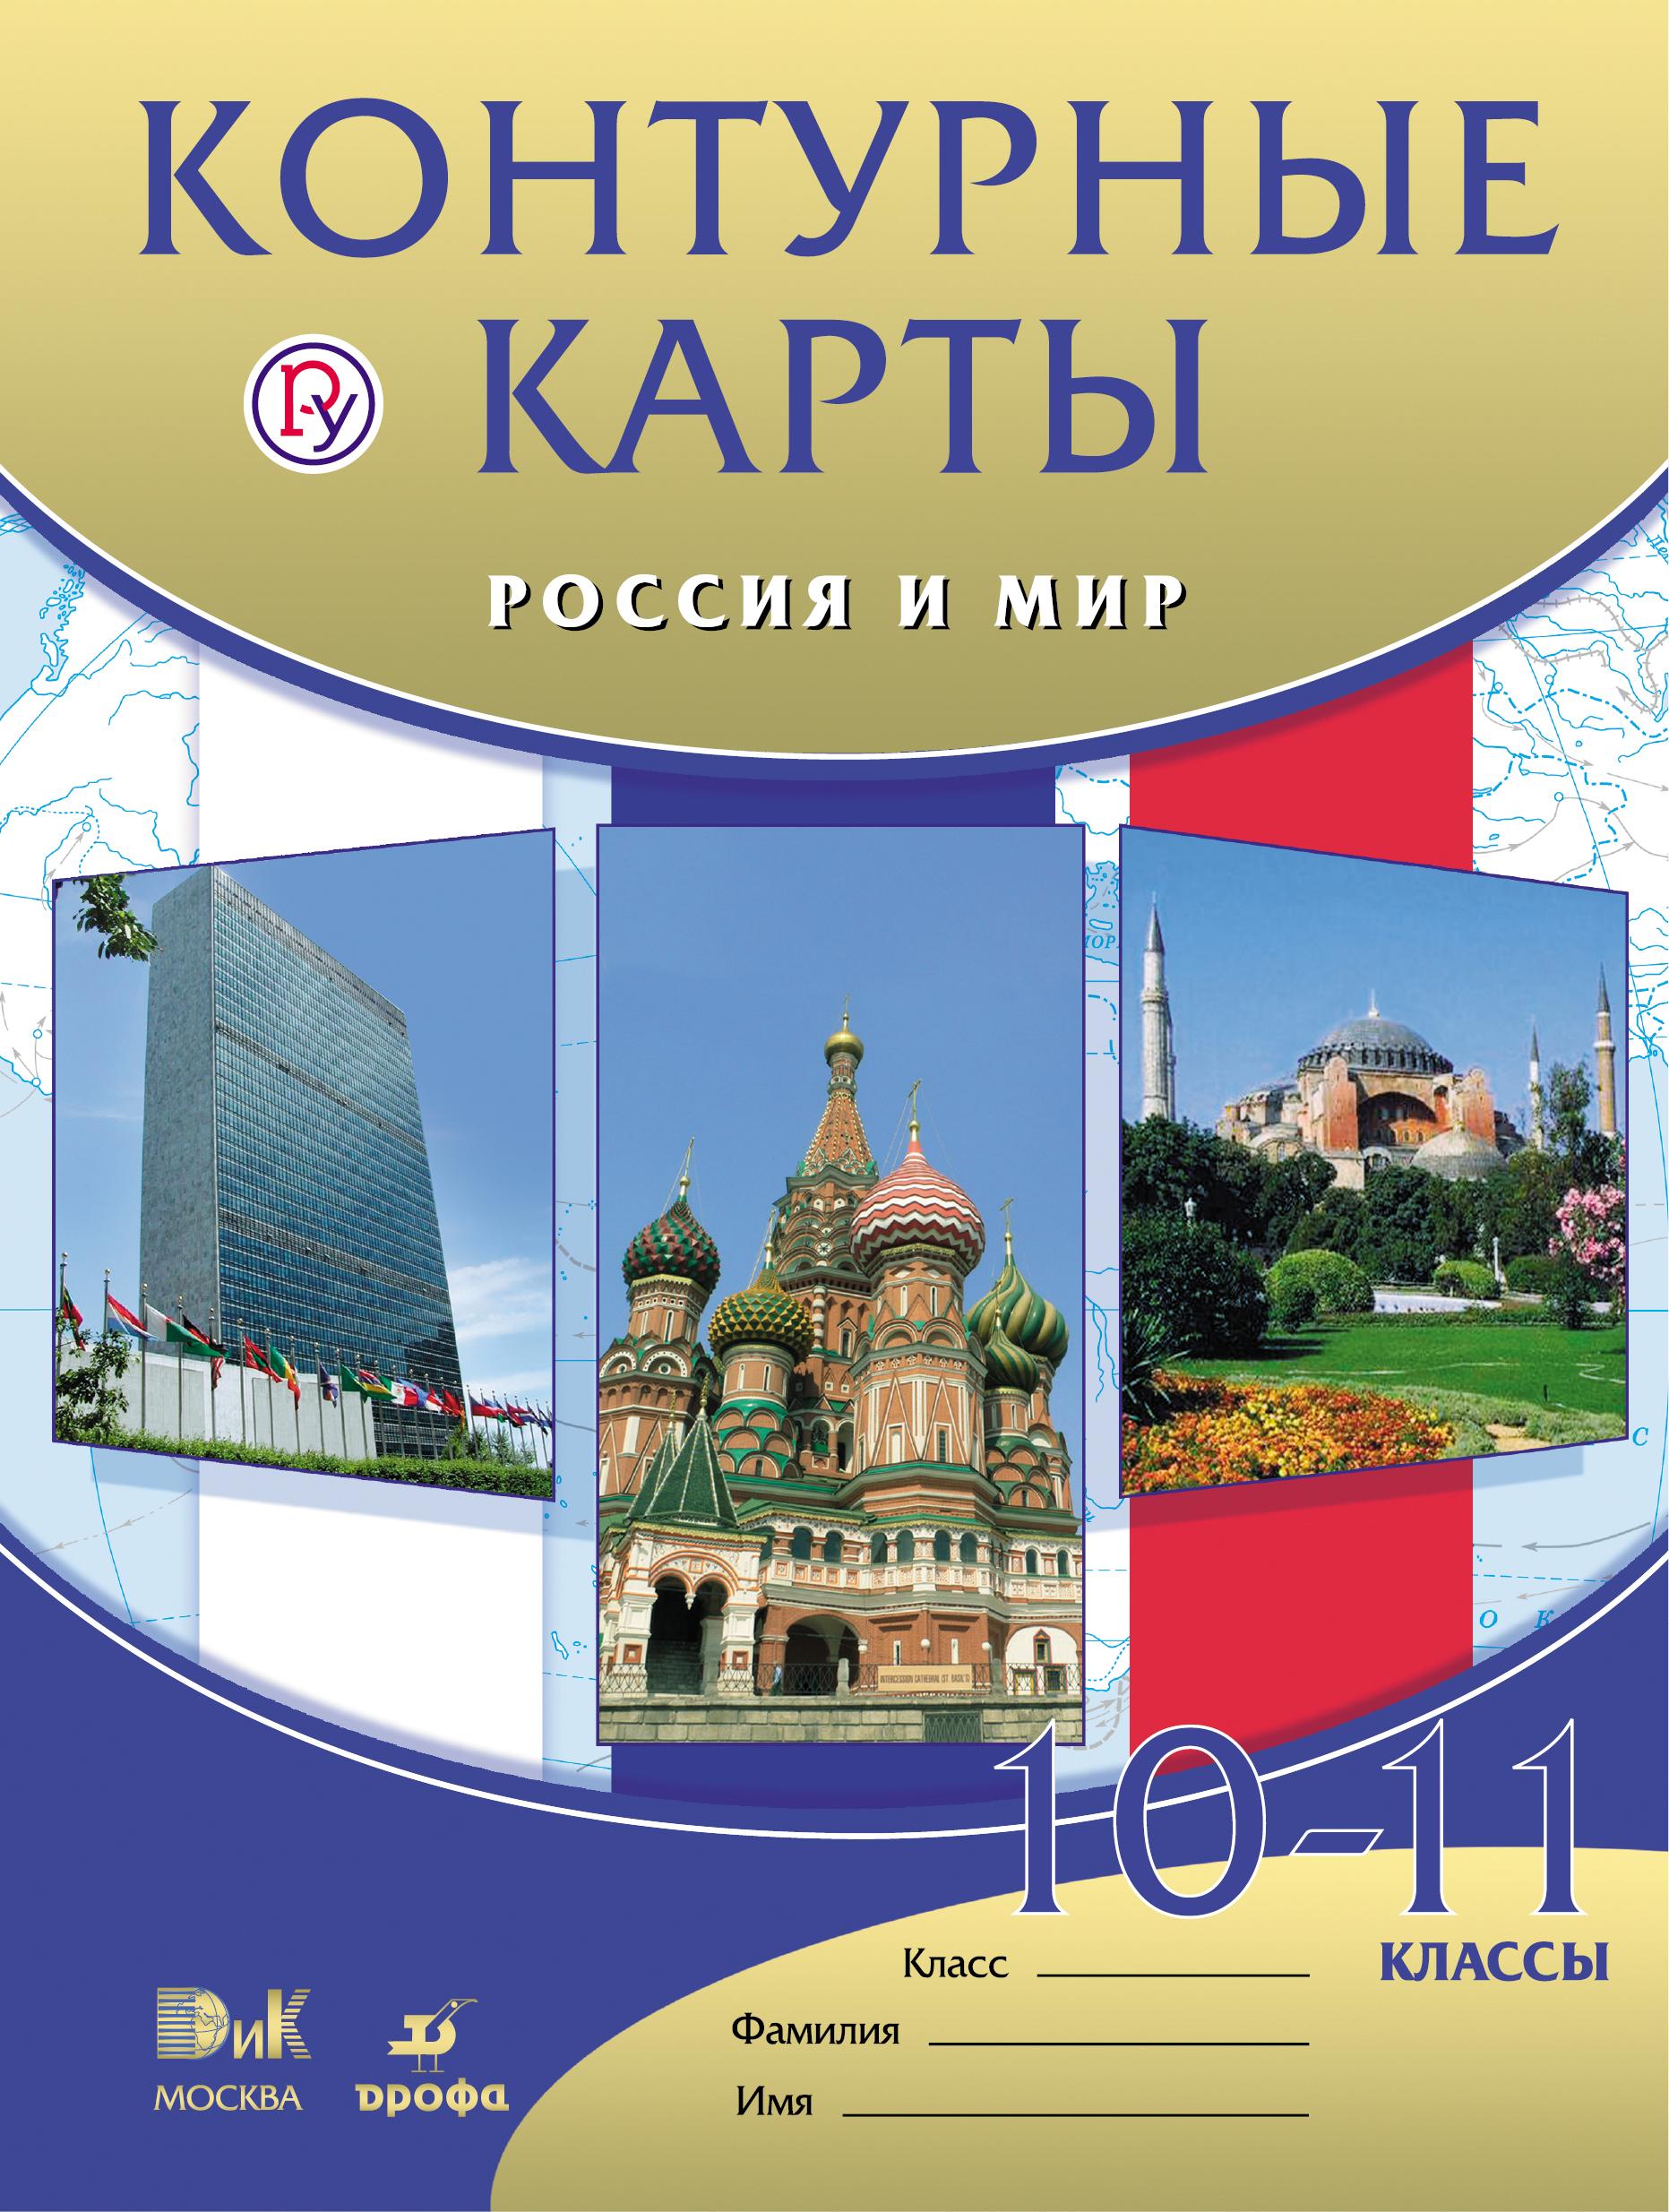 россия и мир контурные карты 10-11 класс гдз